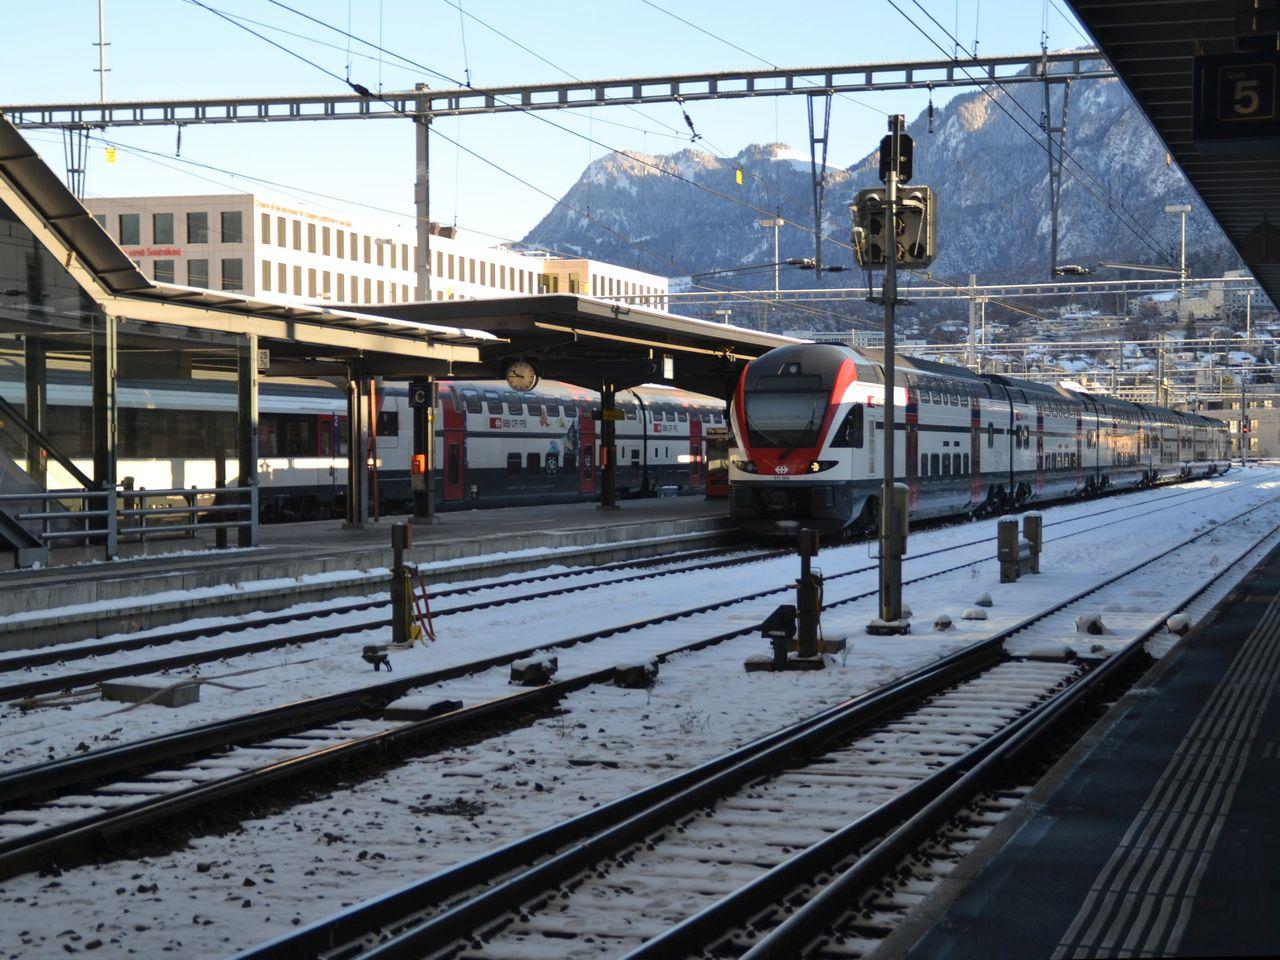 svájc, SBB Intercity, Stadler flirt, chur, állomás, bahnhof